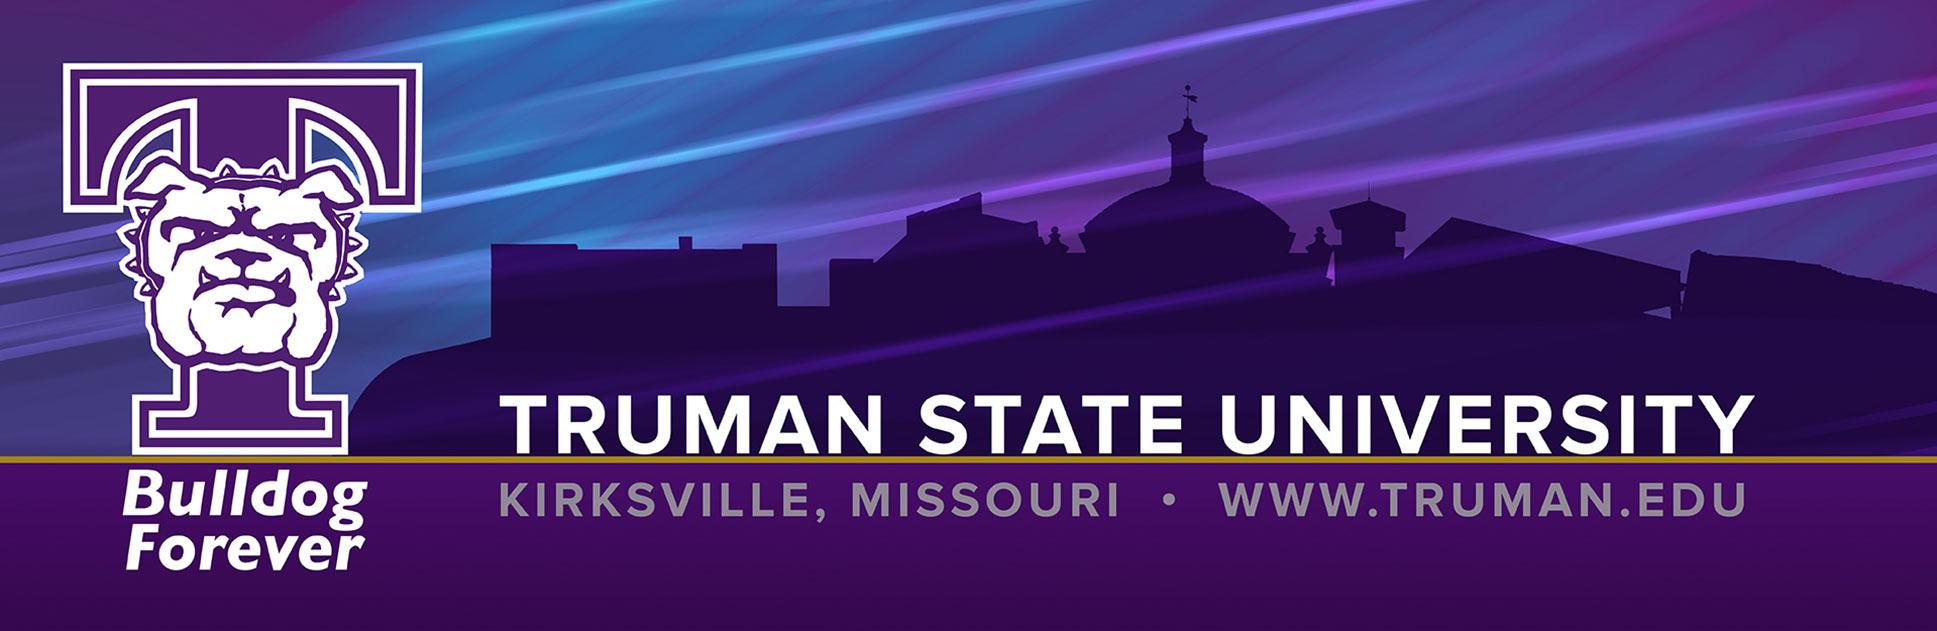 Truman Alumni Directory Project